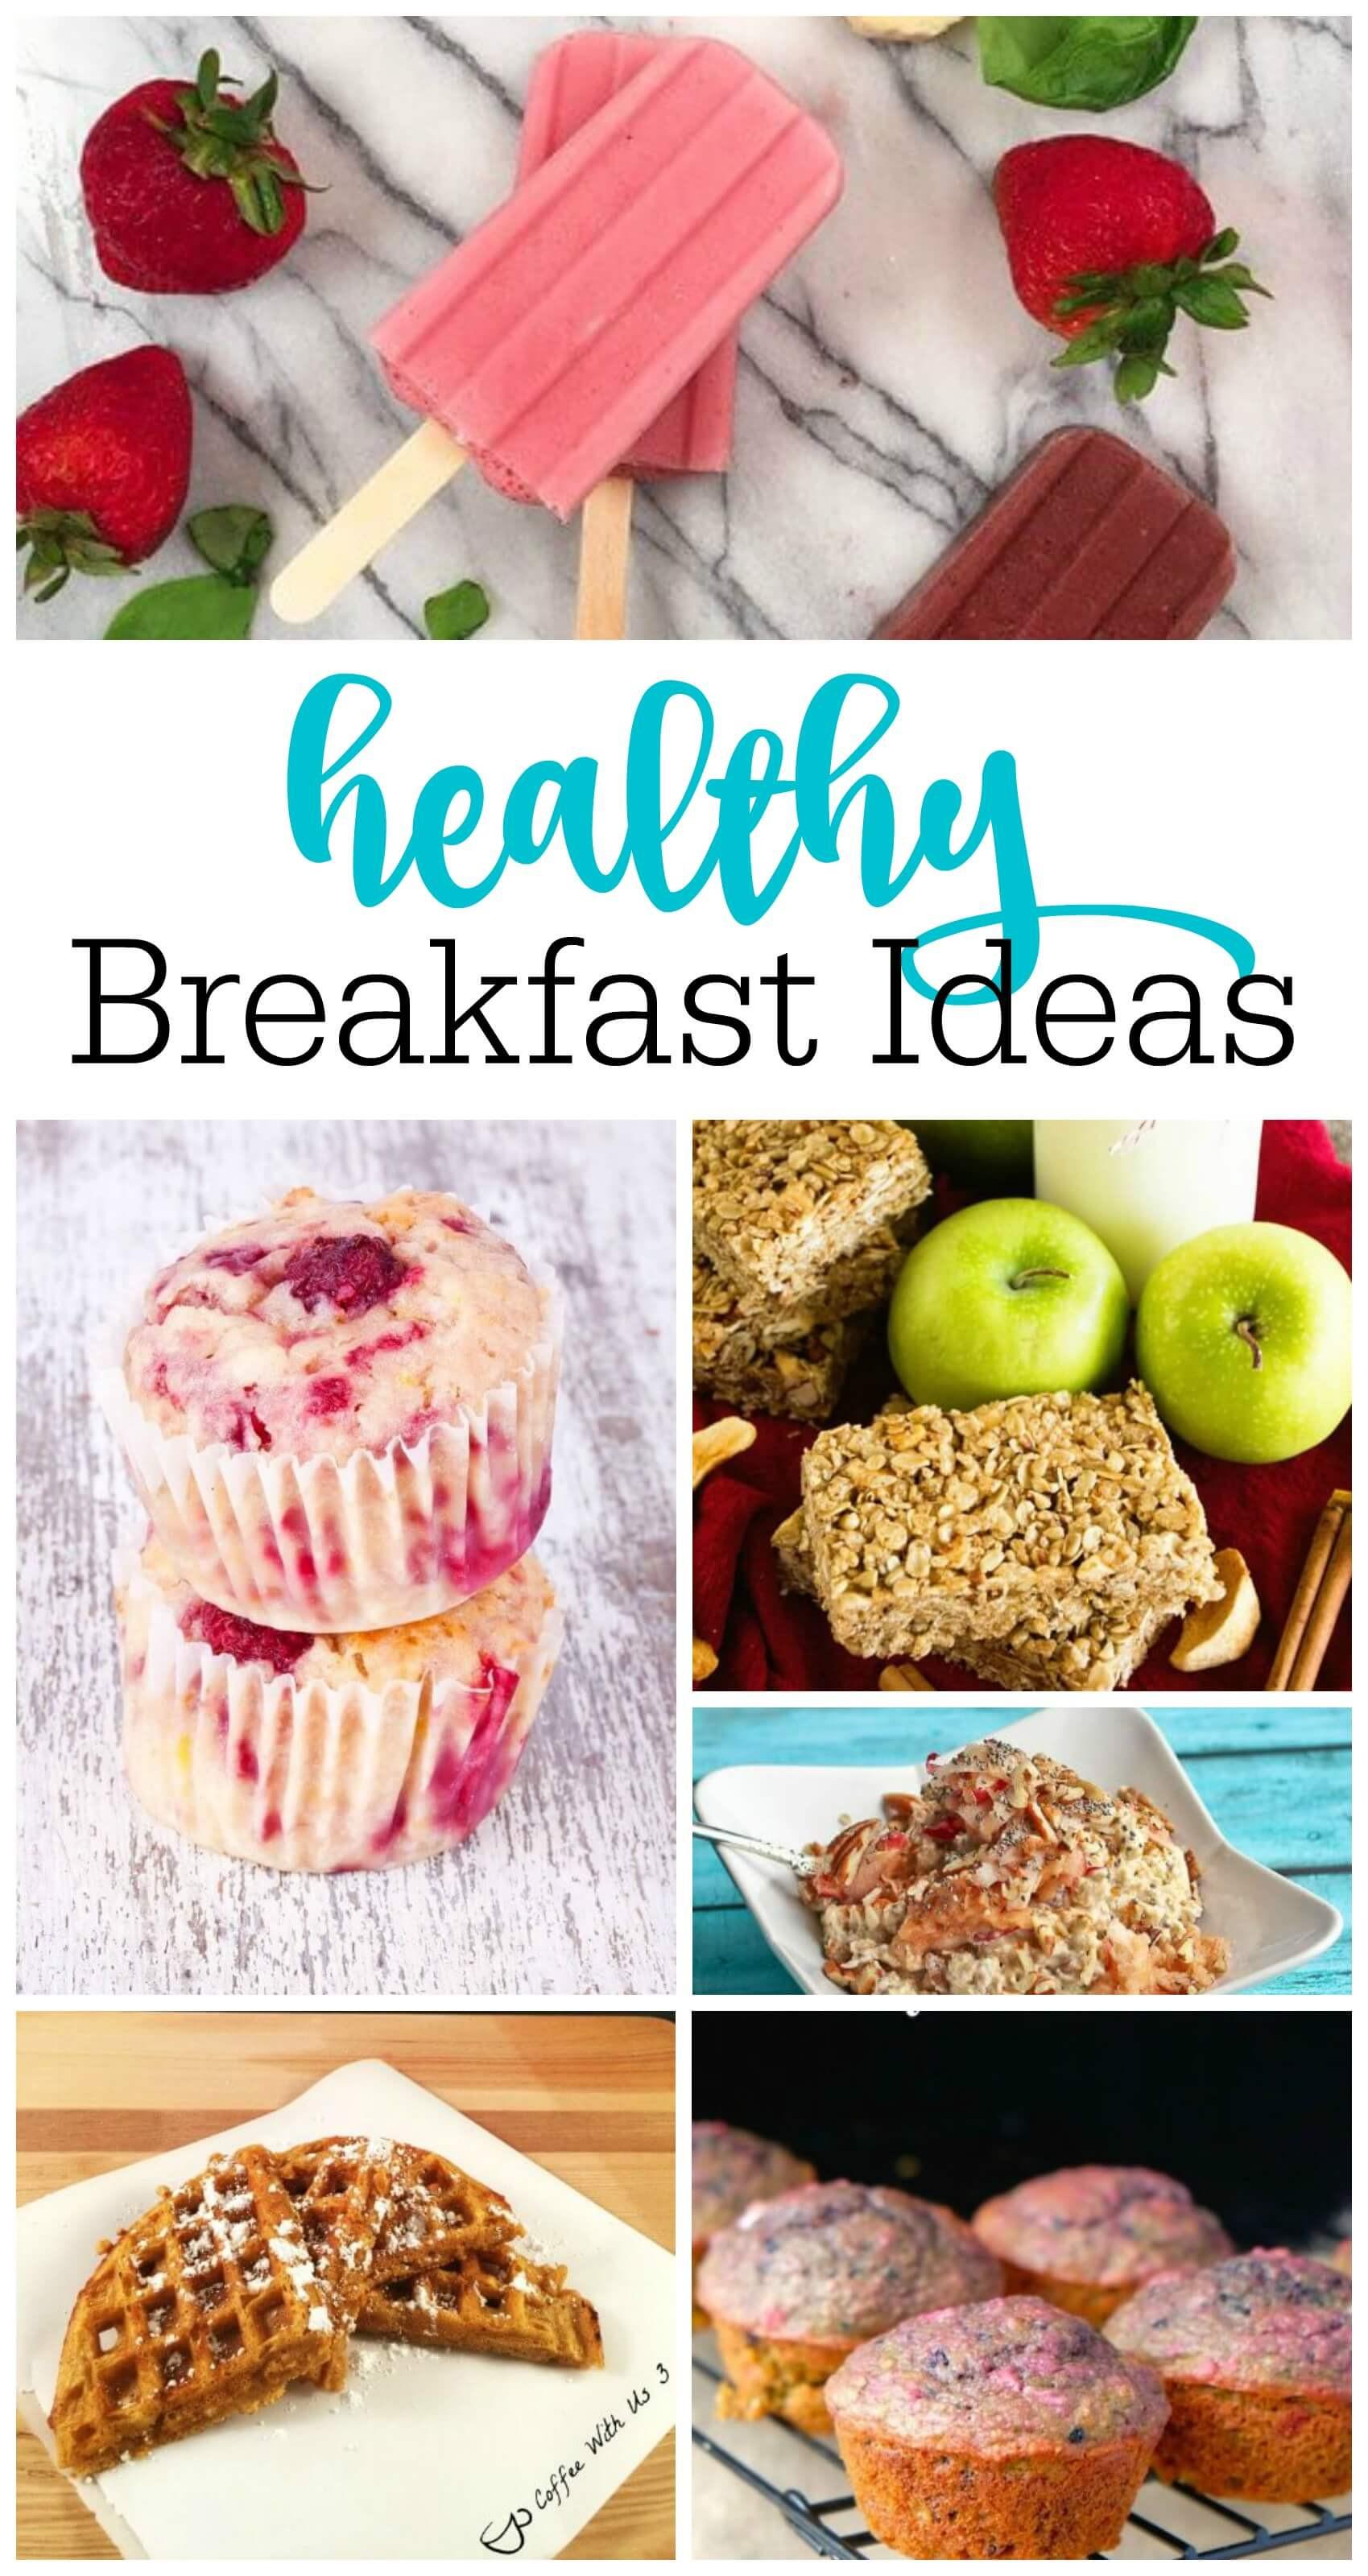 Fun Healthy Breakfast Ideas  Healthy Breakfast Ideas for Busy Mornings